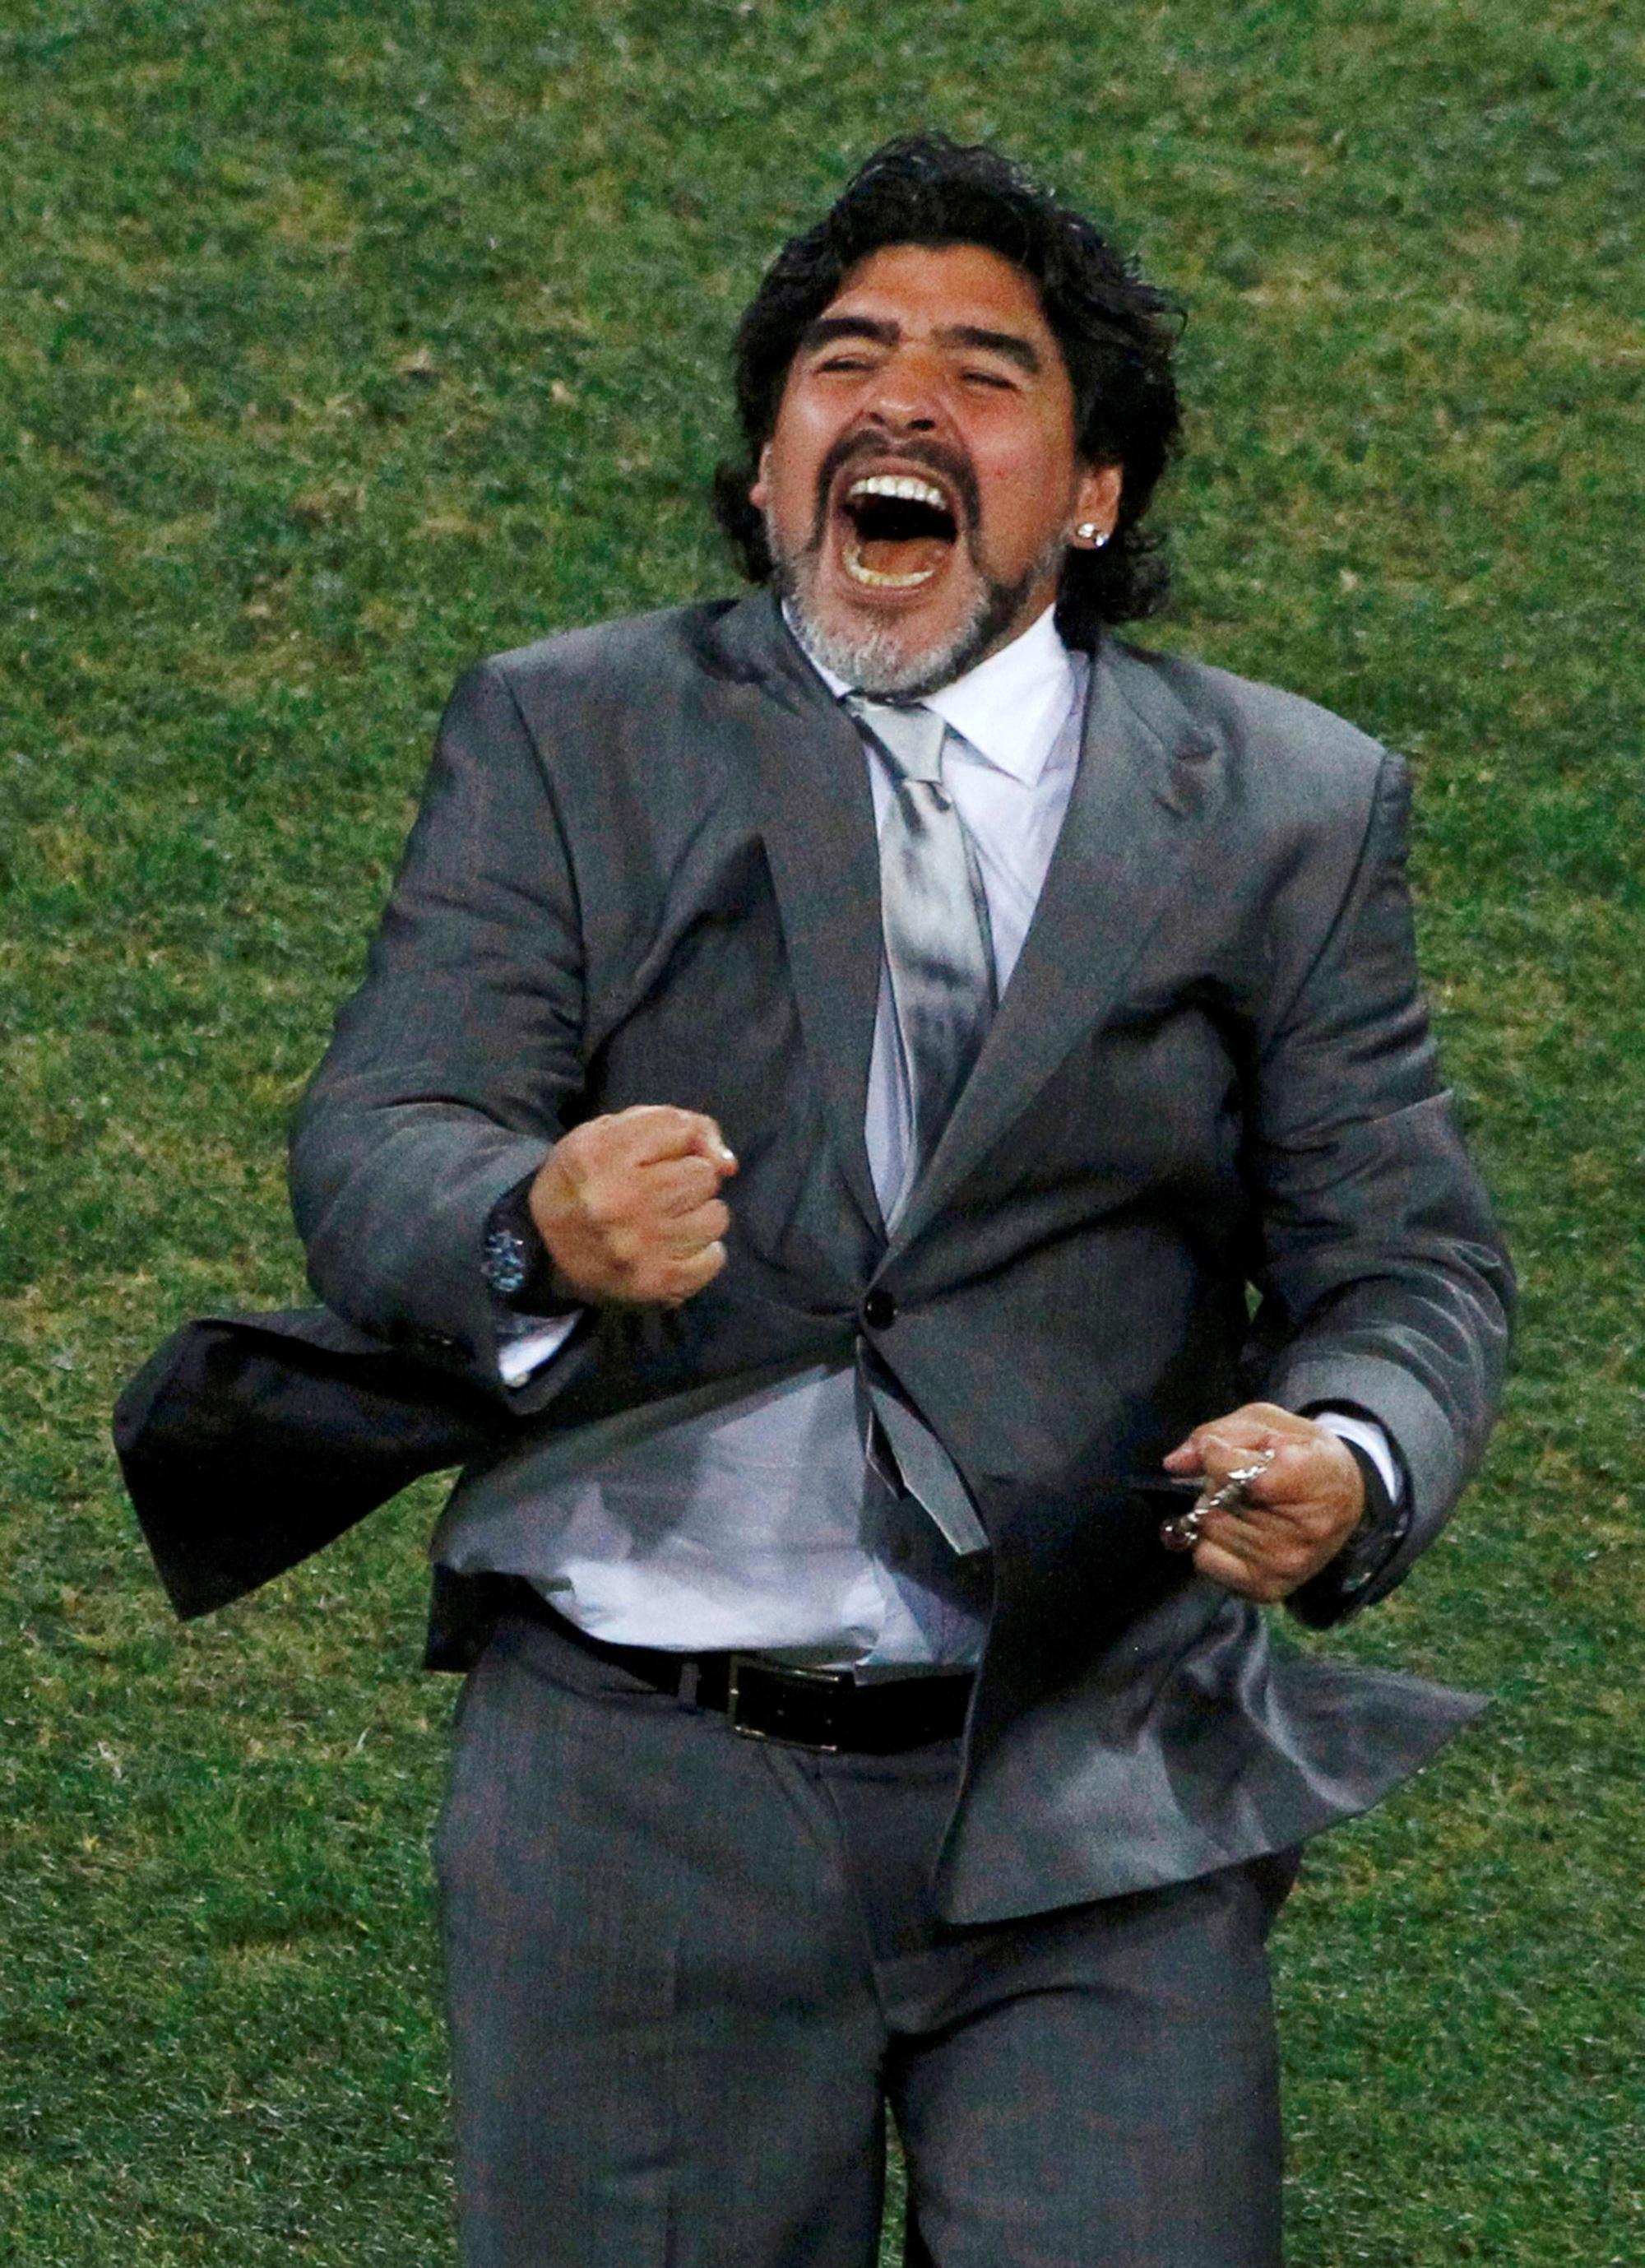 Cuộc đời Maradona qua ảnh: Đầy vinh quang nhưng cũng lắm tranh cãi - Ảnh 18.